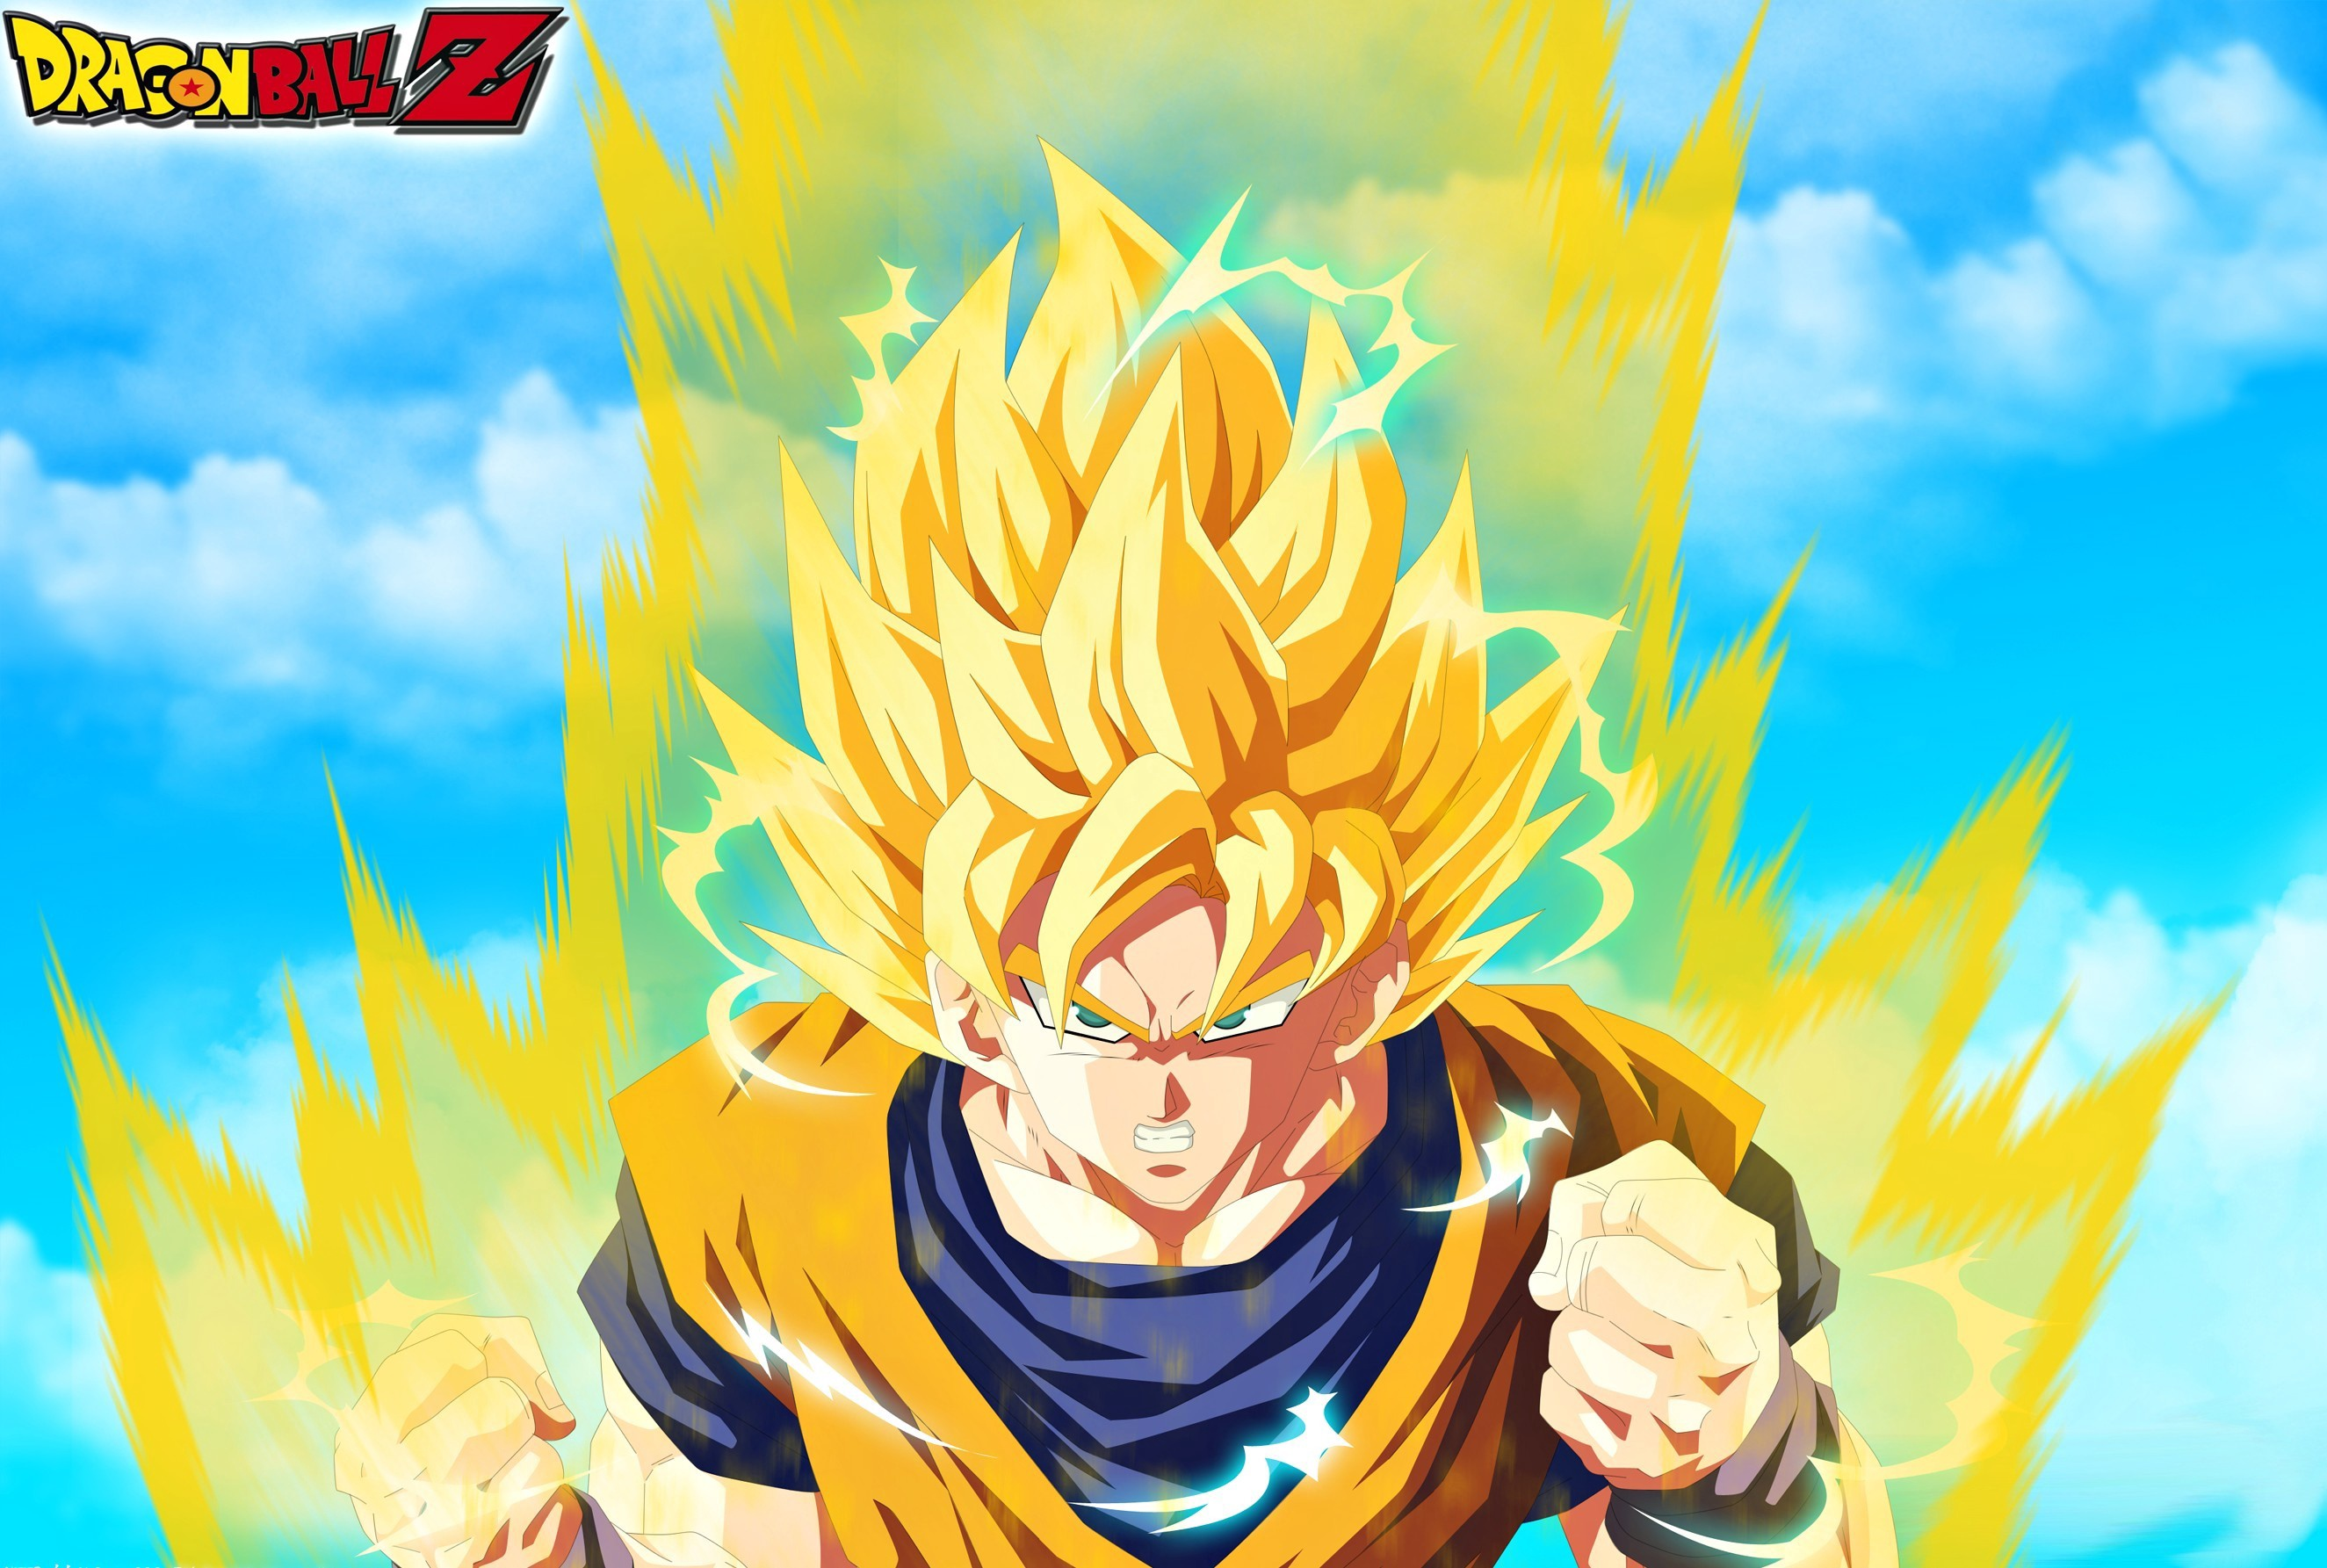 Dbz Wallpaper Iphone 6 Goku Full Hd Fondo De Pantalla And Fondo De Escritorio